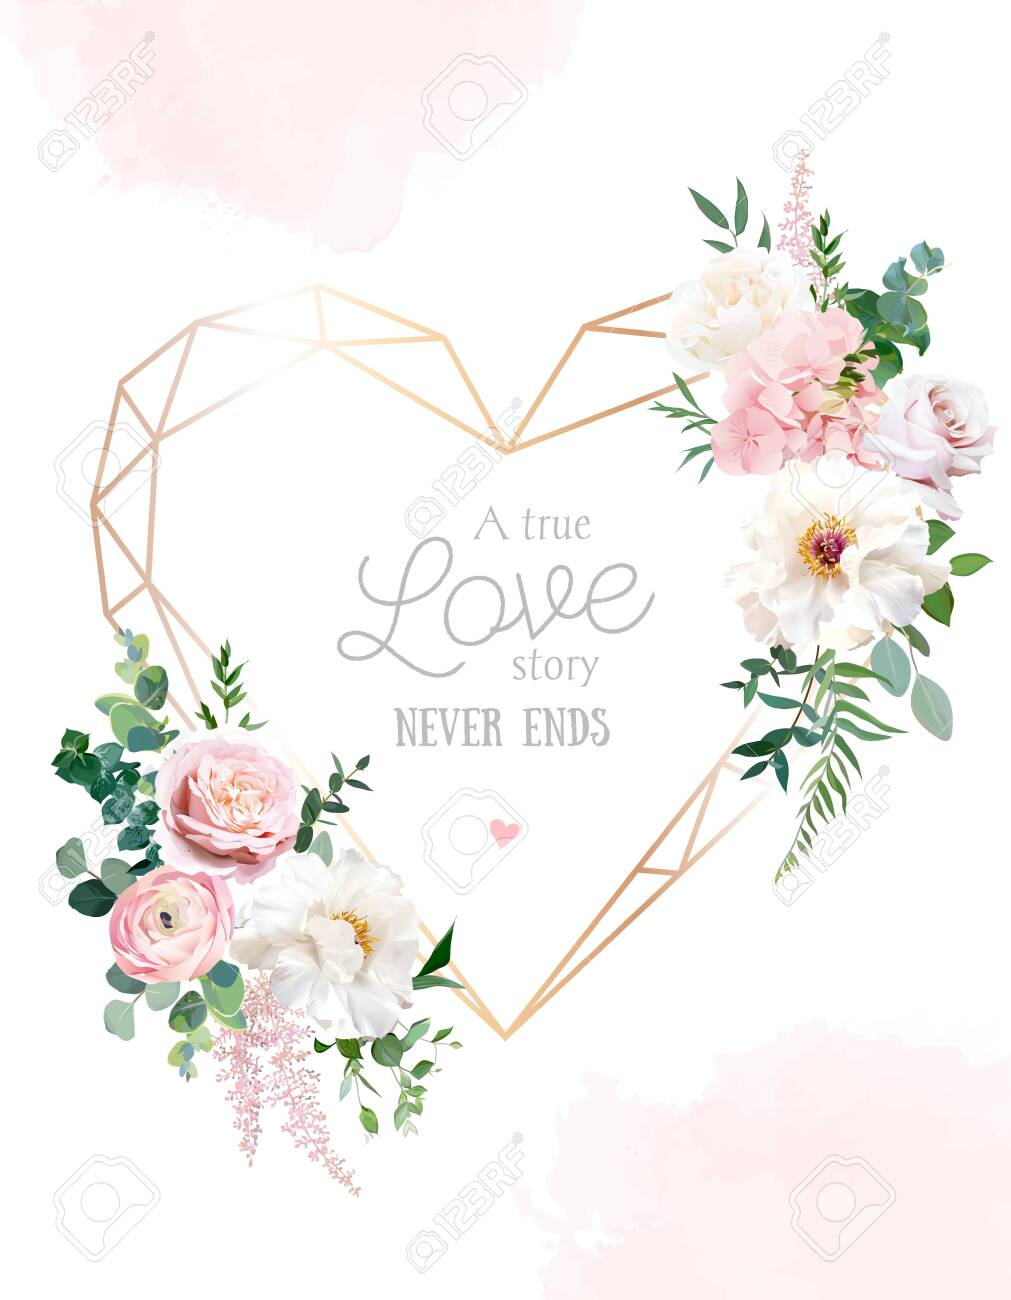 Flower geometric heart line art vector design frame - 153499758